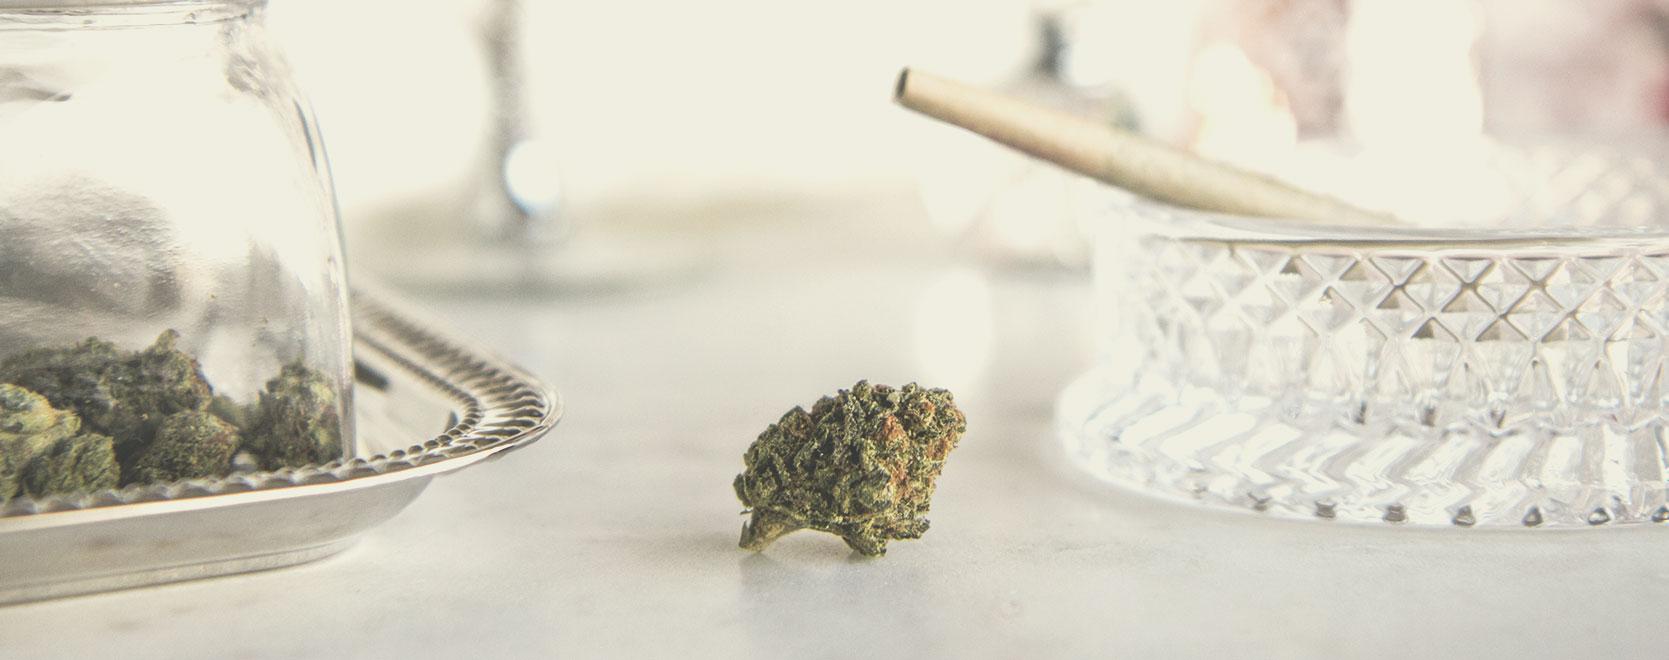 Wie man Cannabis verantwortungsvoll nutzt